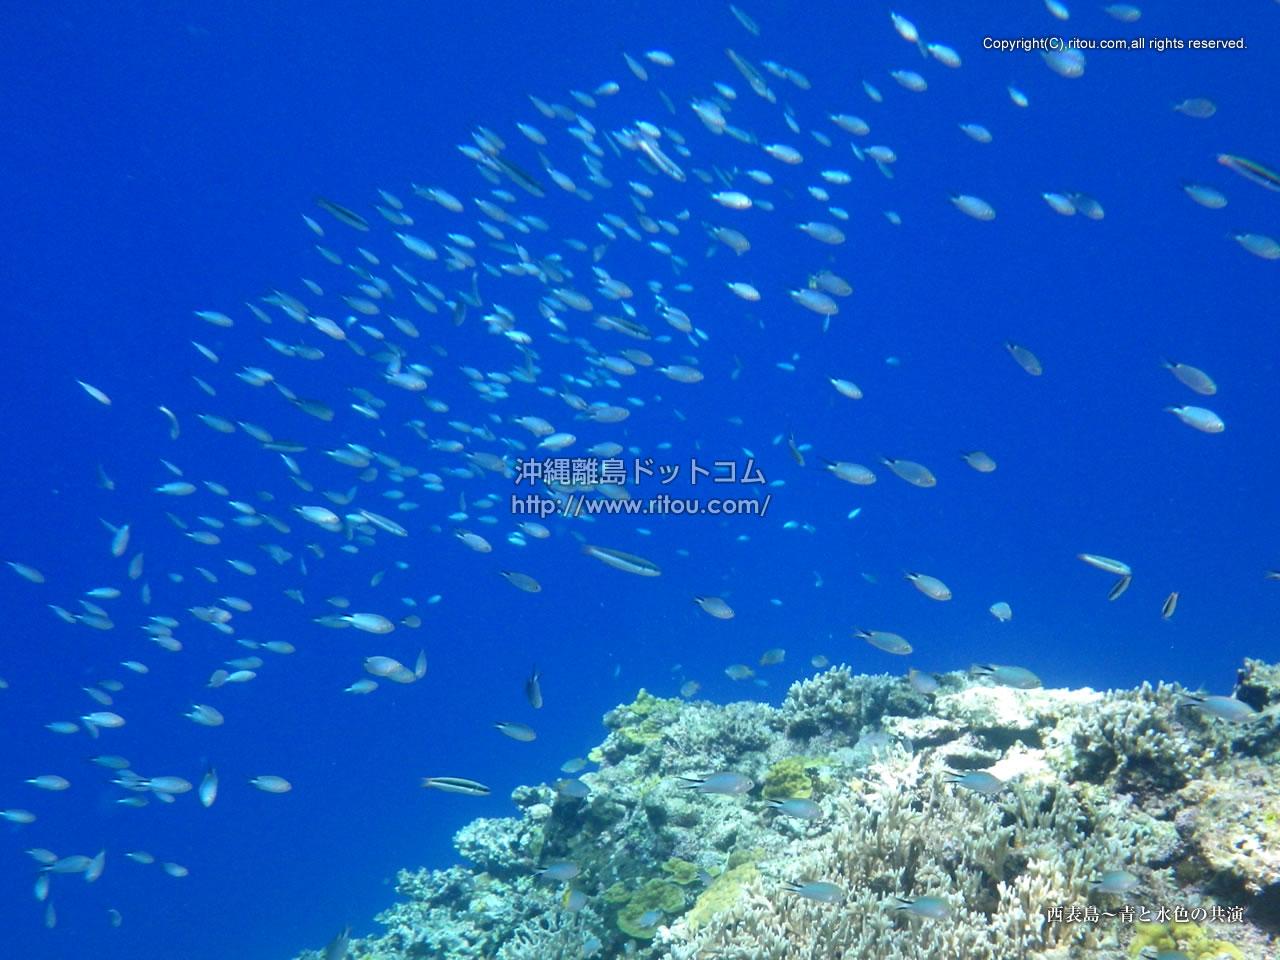 西表島〜青と水色の共演